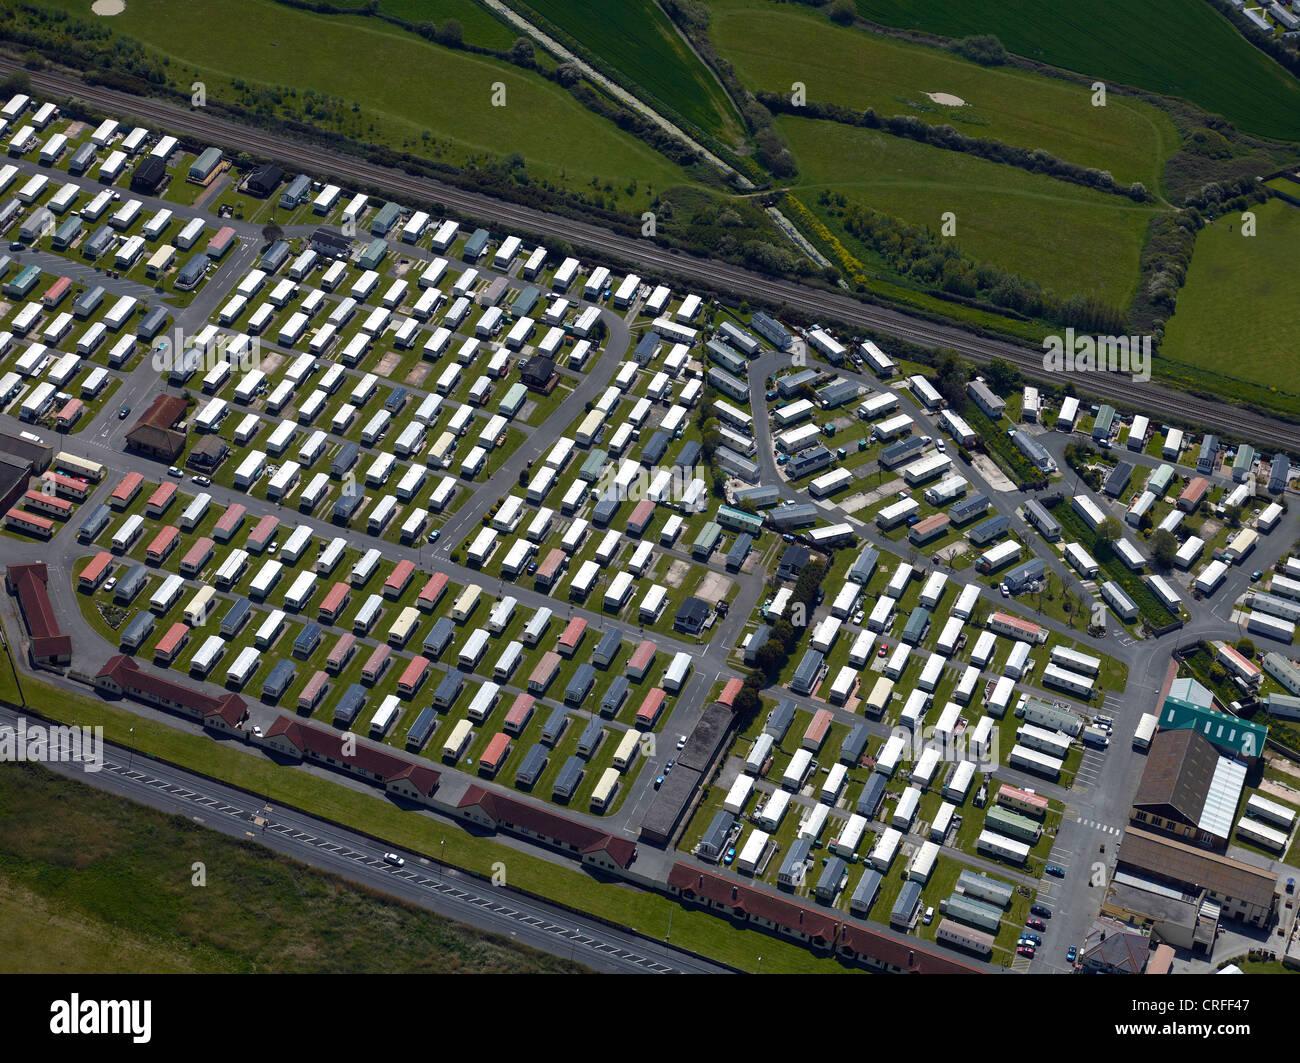 Holiday Caravans at Prestatyn, North Wales, UK, from the air - Stock Image